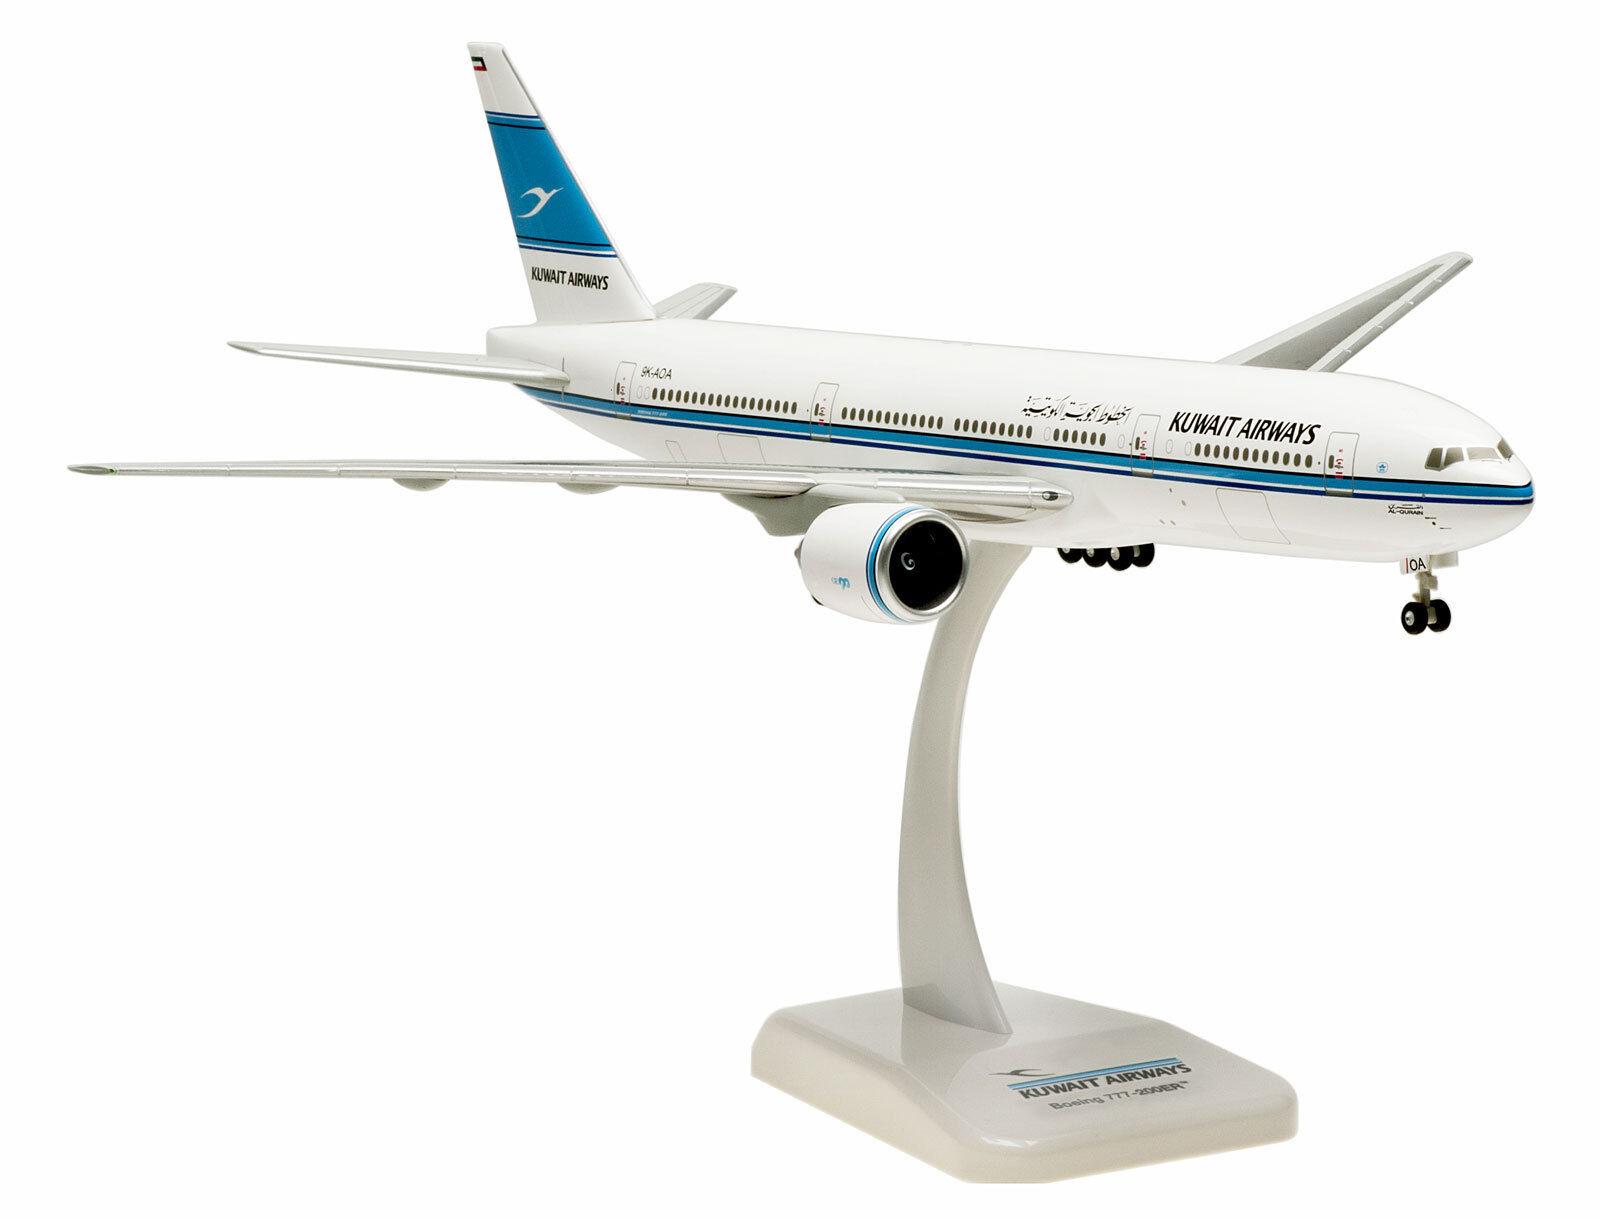 Kuwait airways boeing 777-200er 200 hogan 0137 flugzeug modell b777 9k-aoa